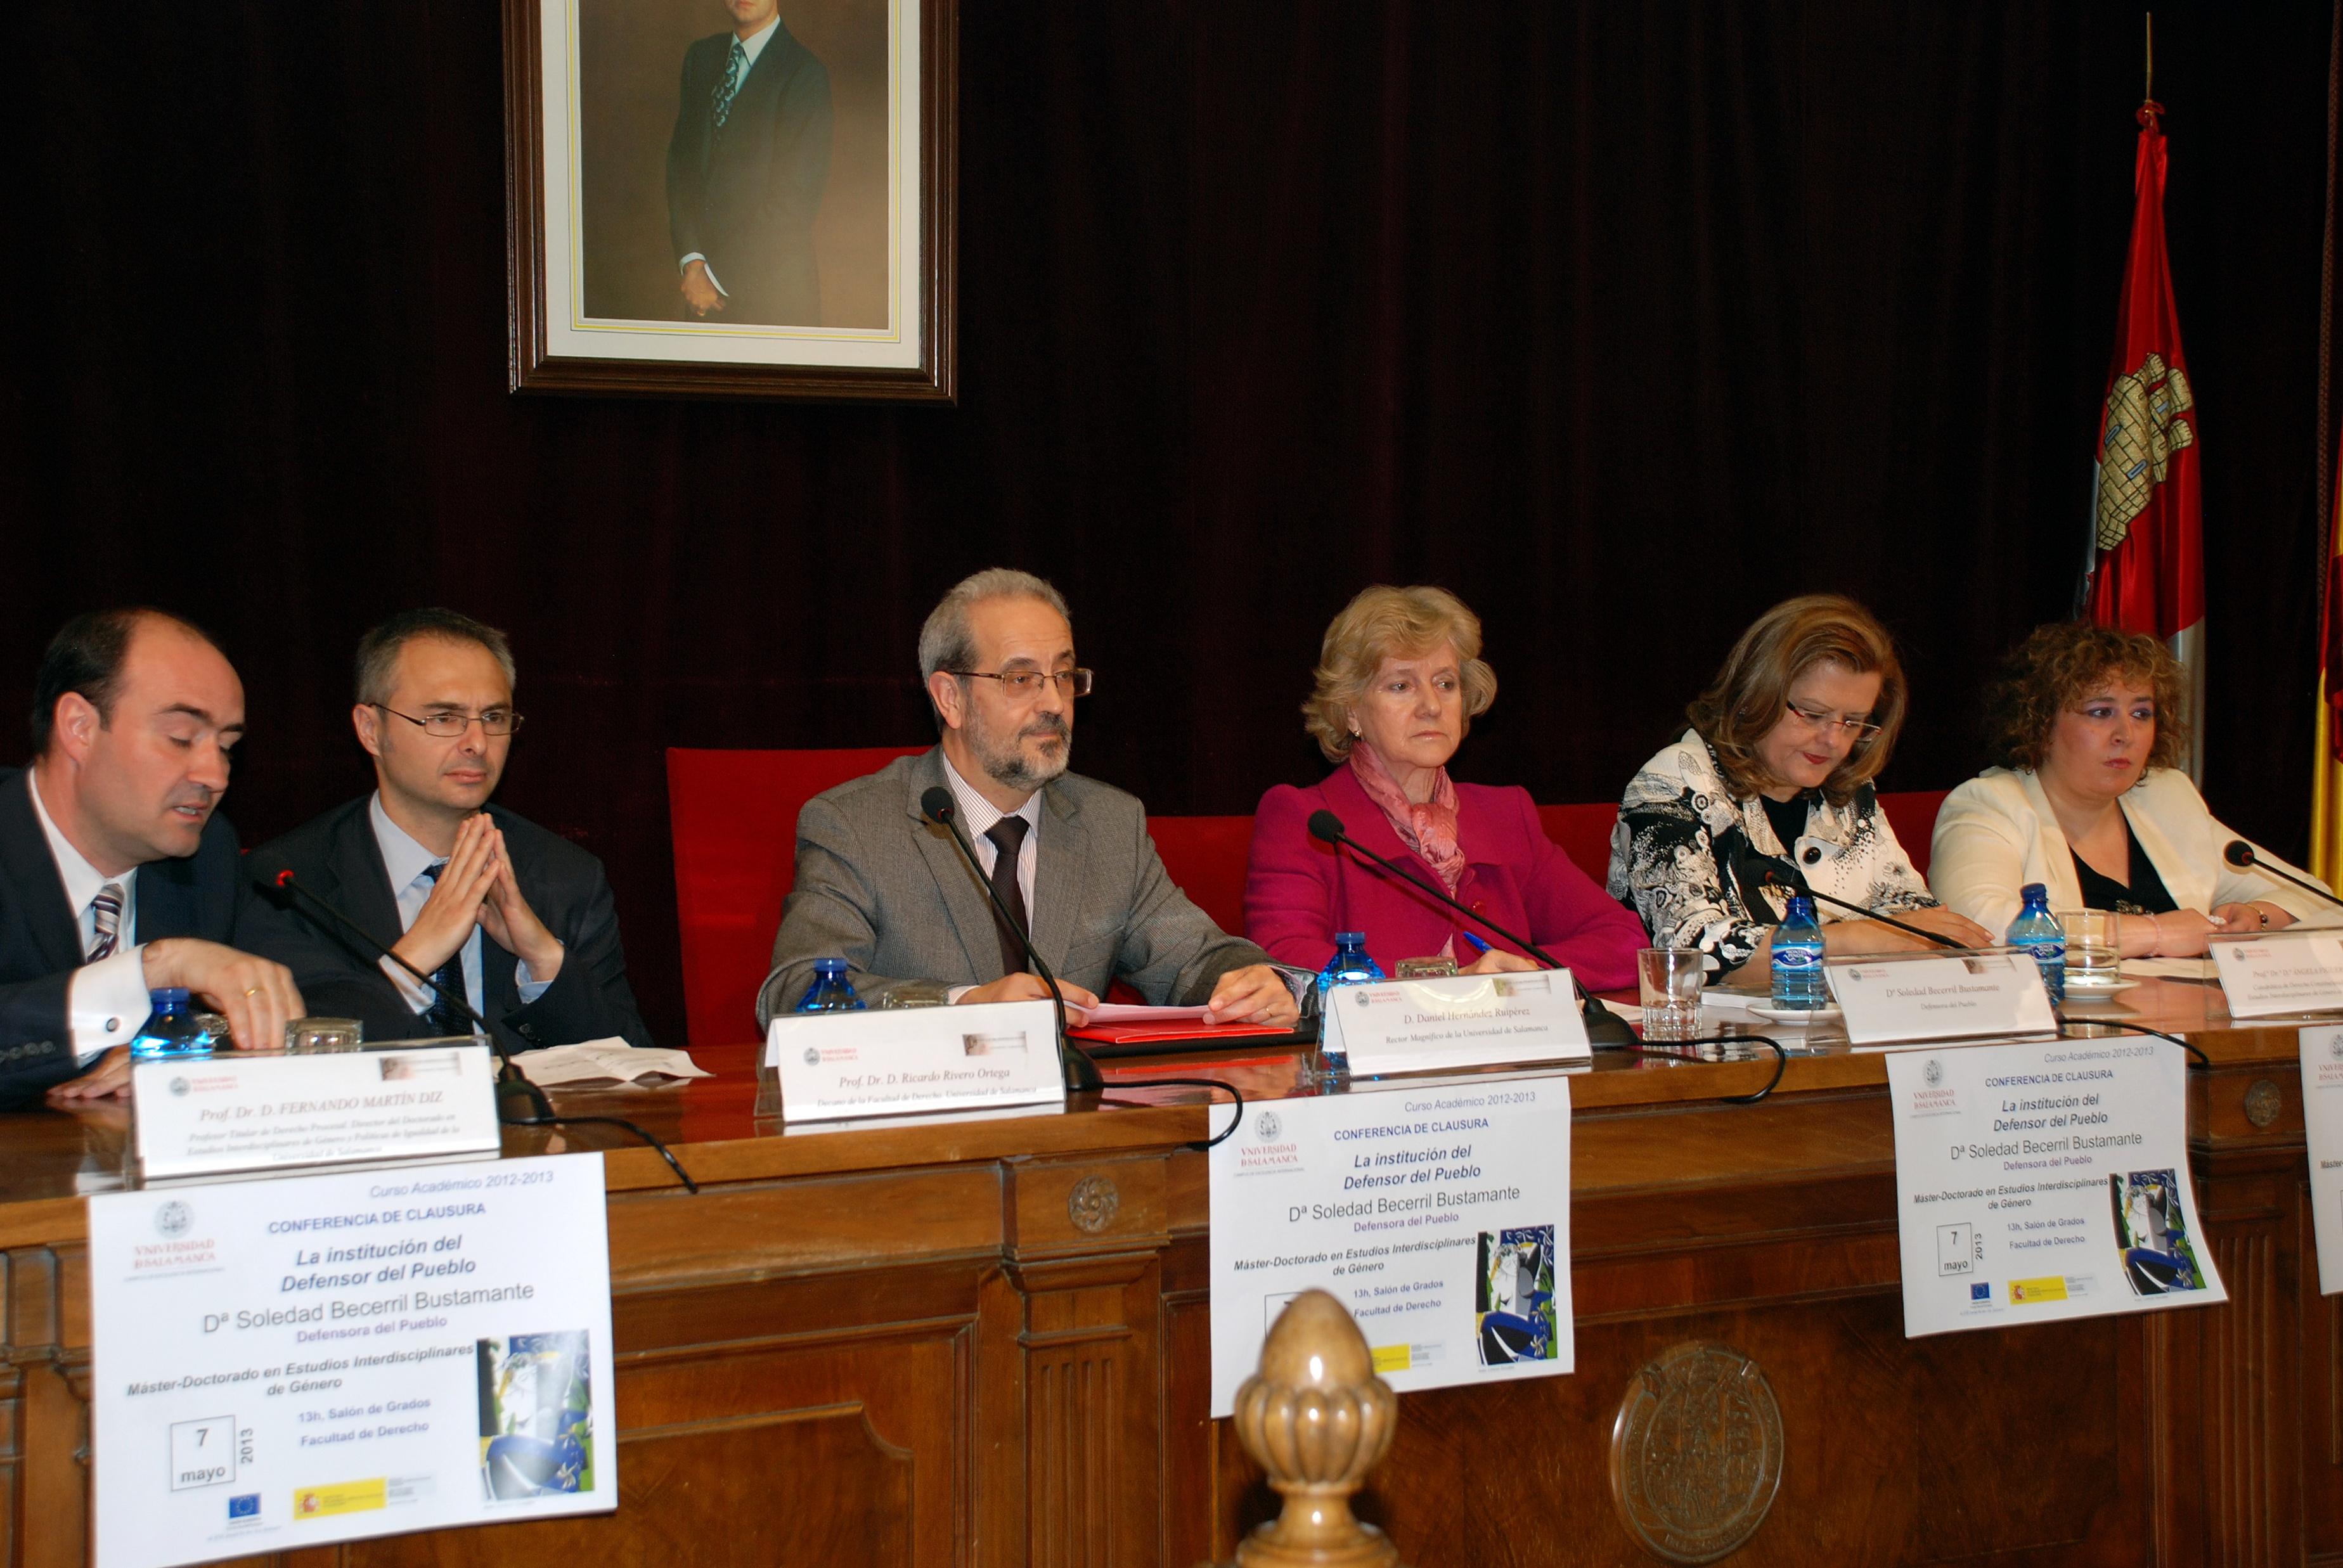 La defensora del Pueblo, Soledad Becerril, imparte la conferencia de clausura del Máster y Doctorado en Estudios Interdisciplinares de Género de la Universidad de Salamanca